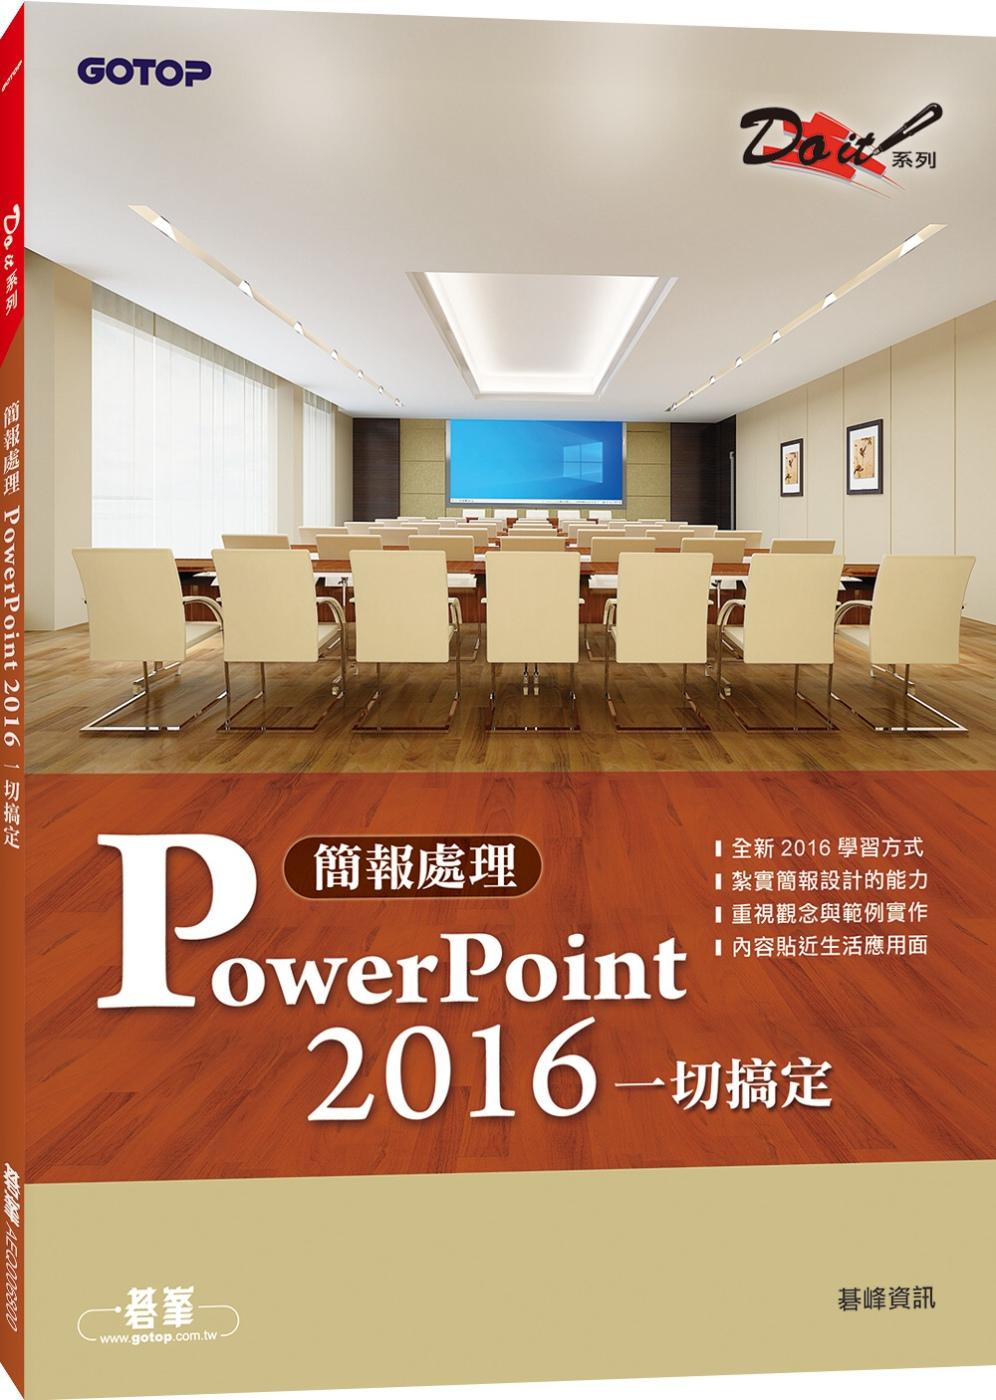 簡報處理PowerPoint 2016一切搞定